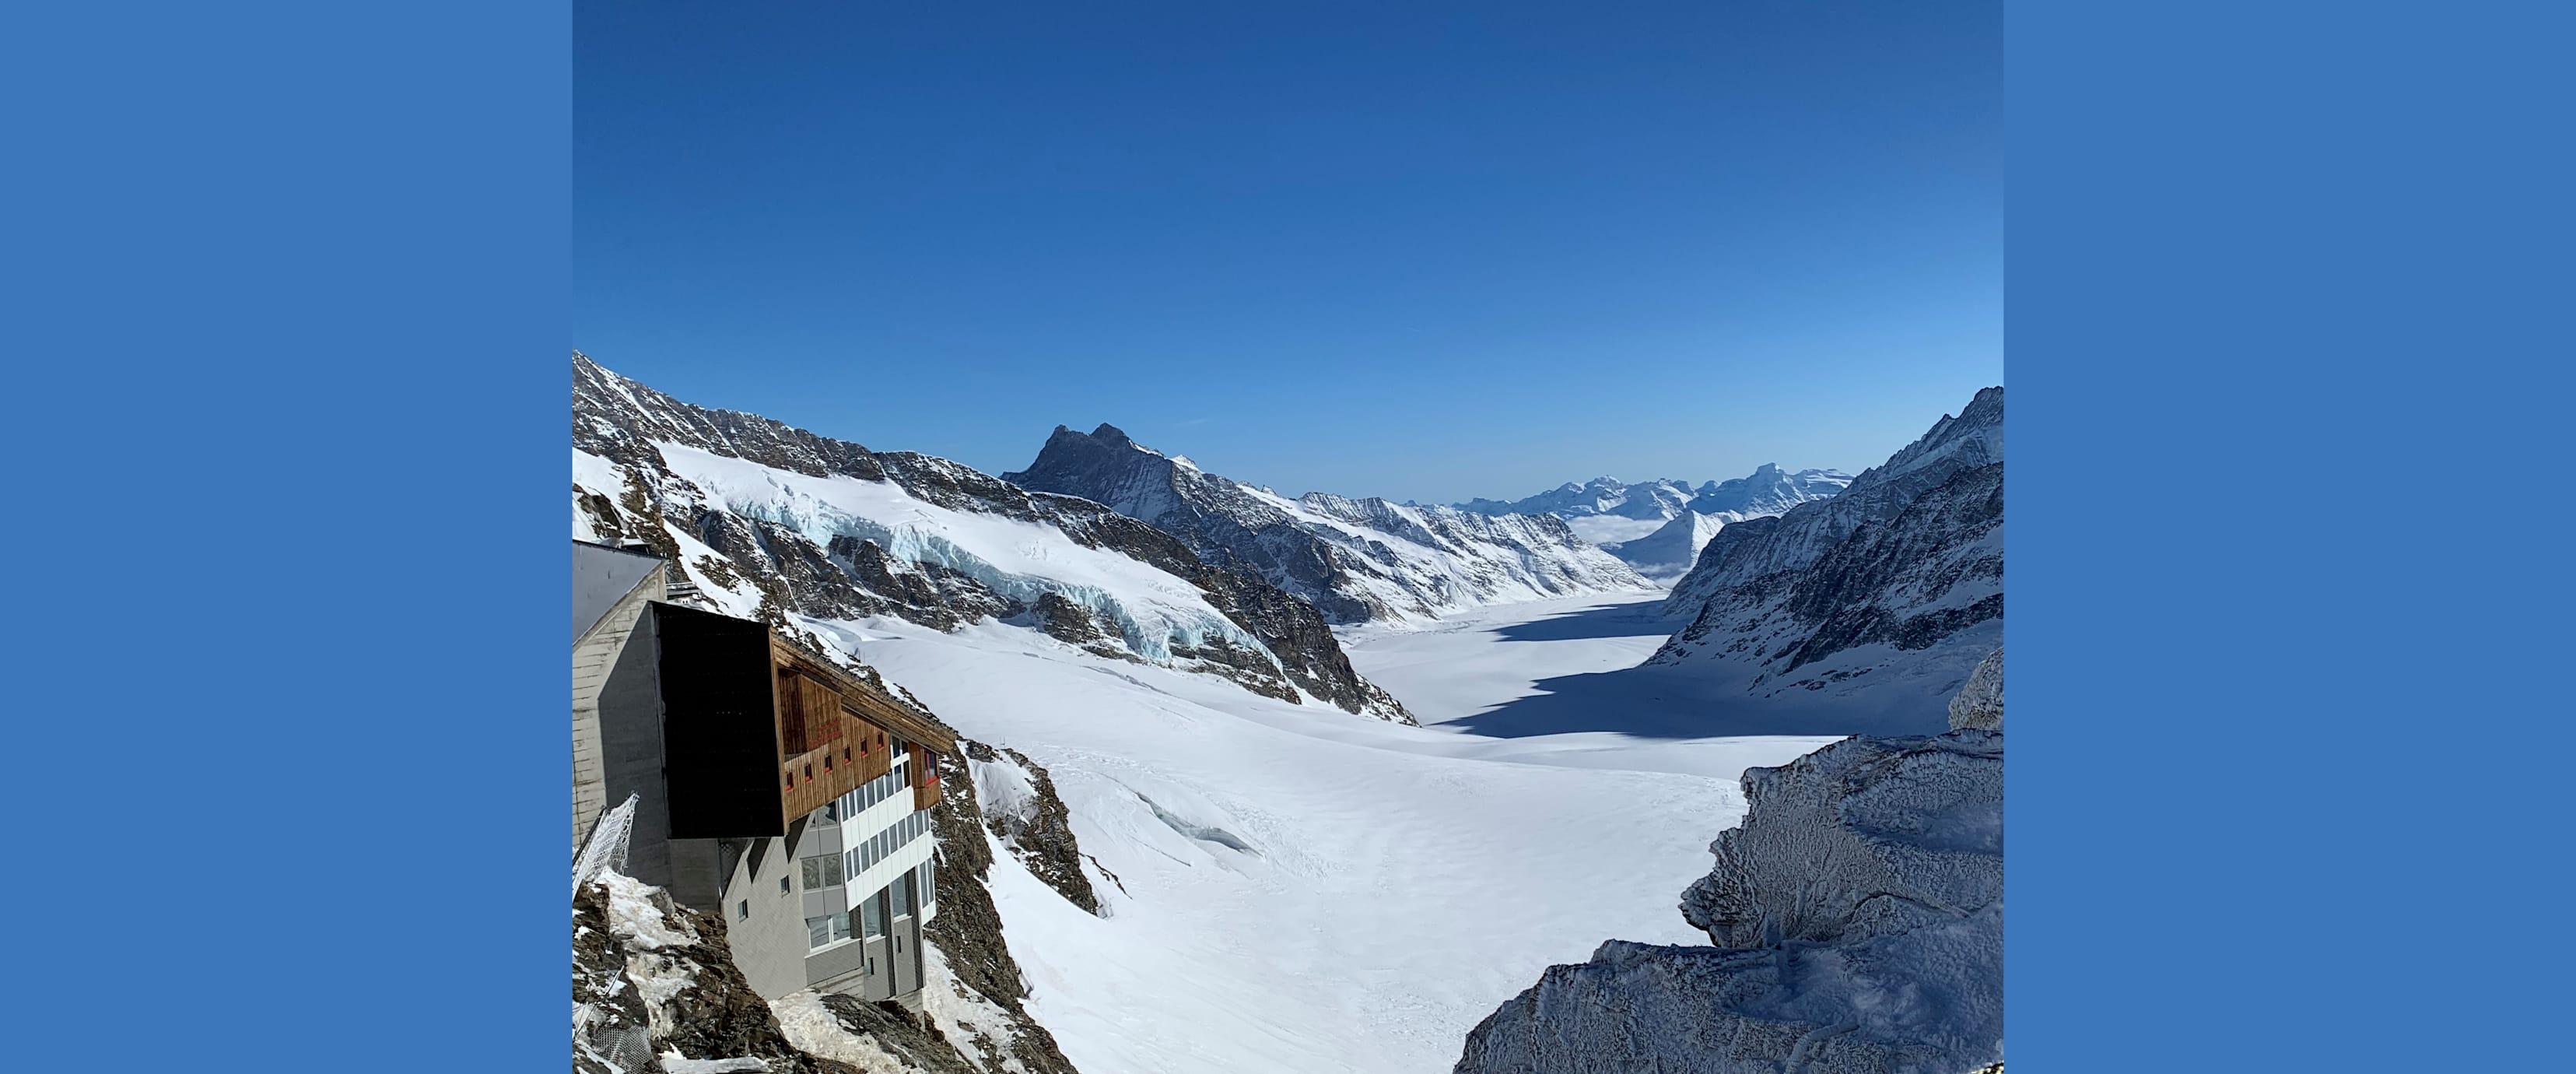 Jungfraujoch Berghaus Aletschgletscher klein